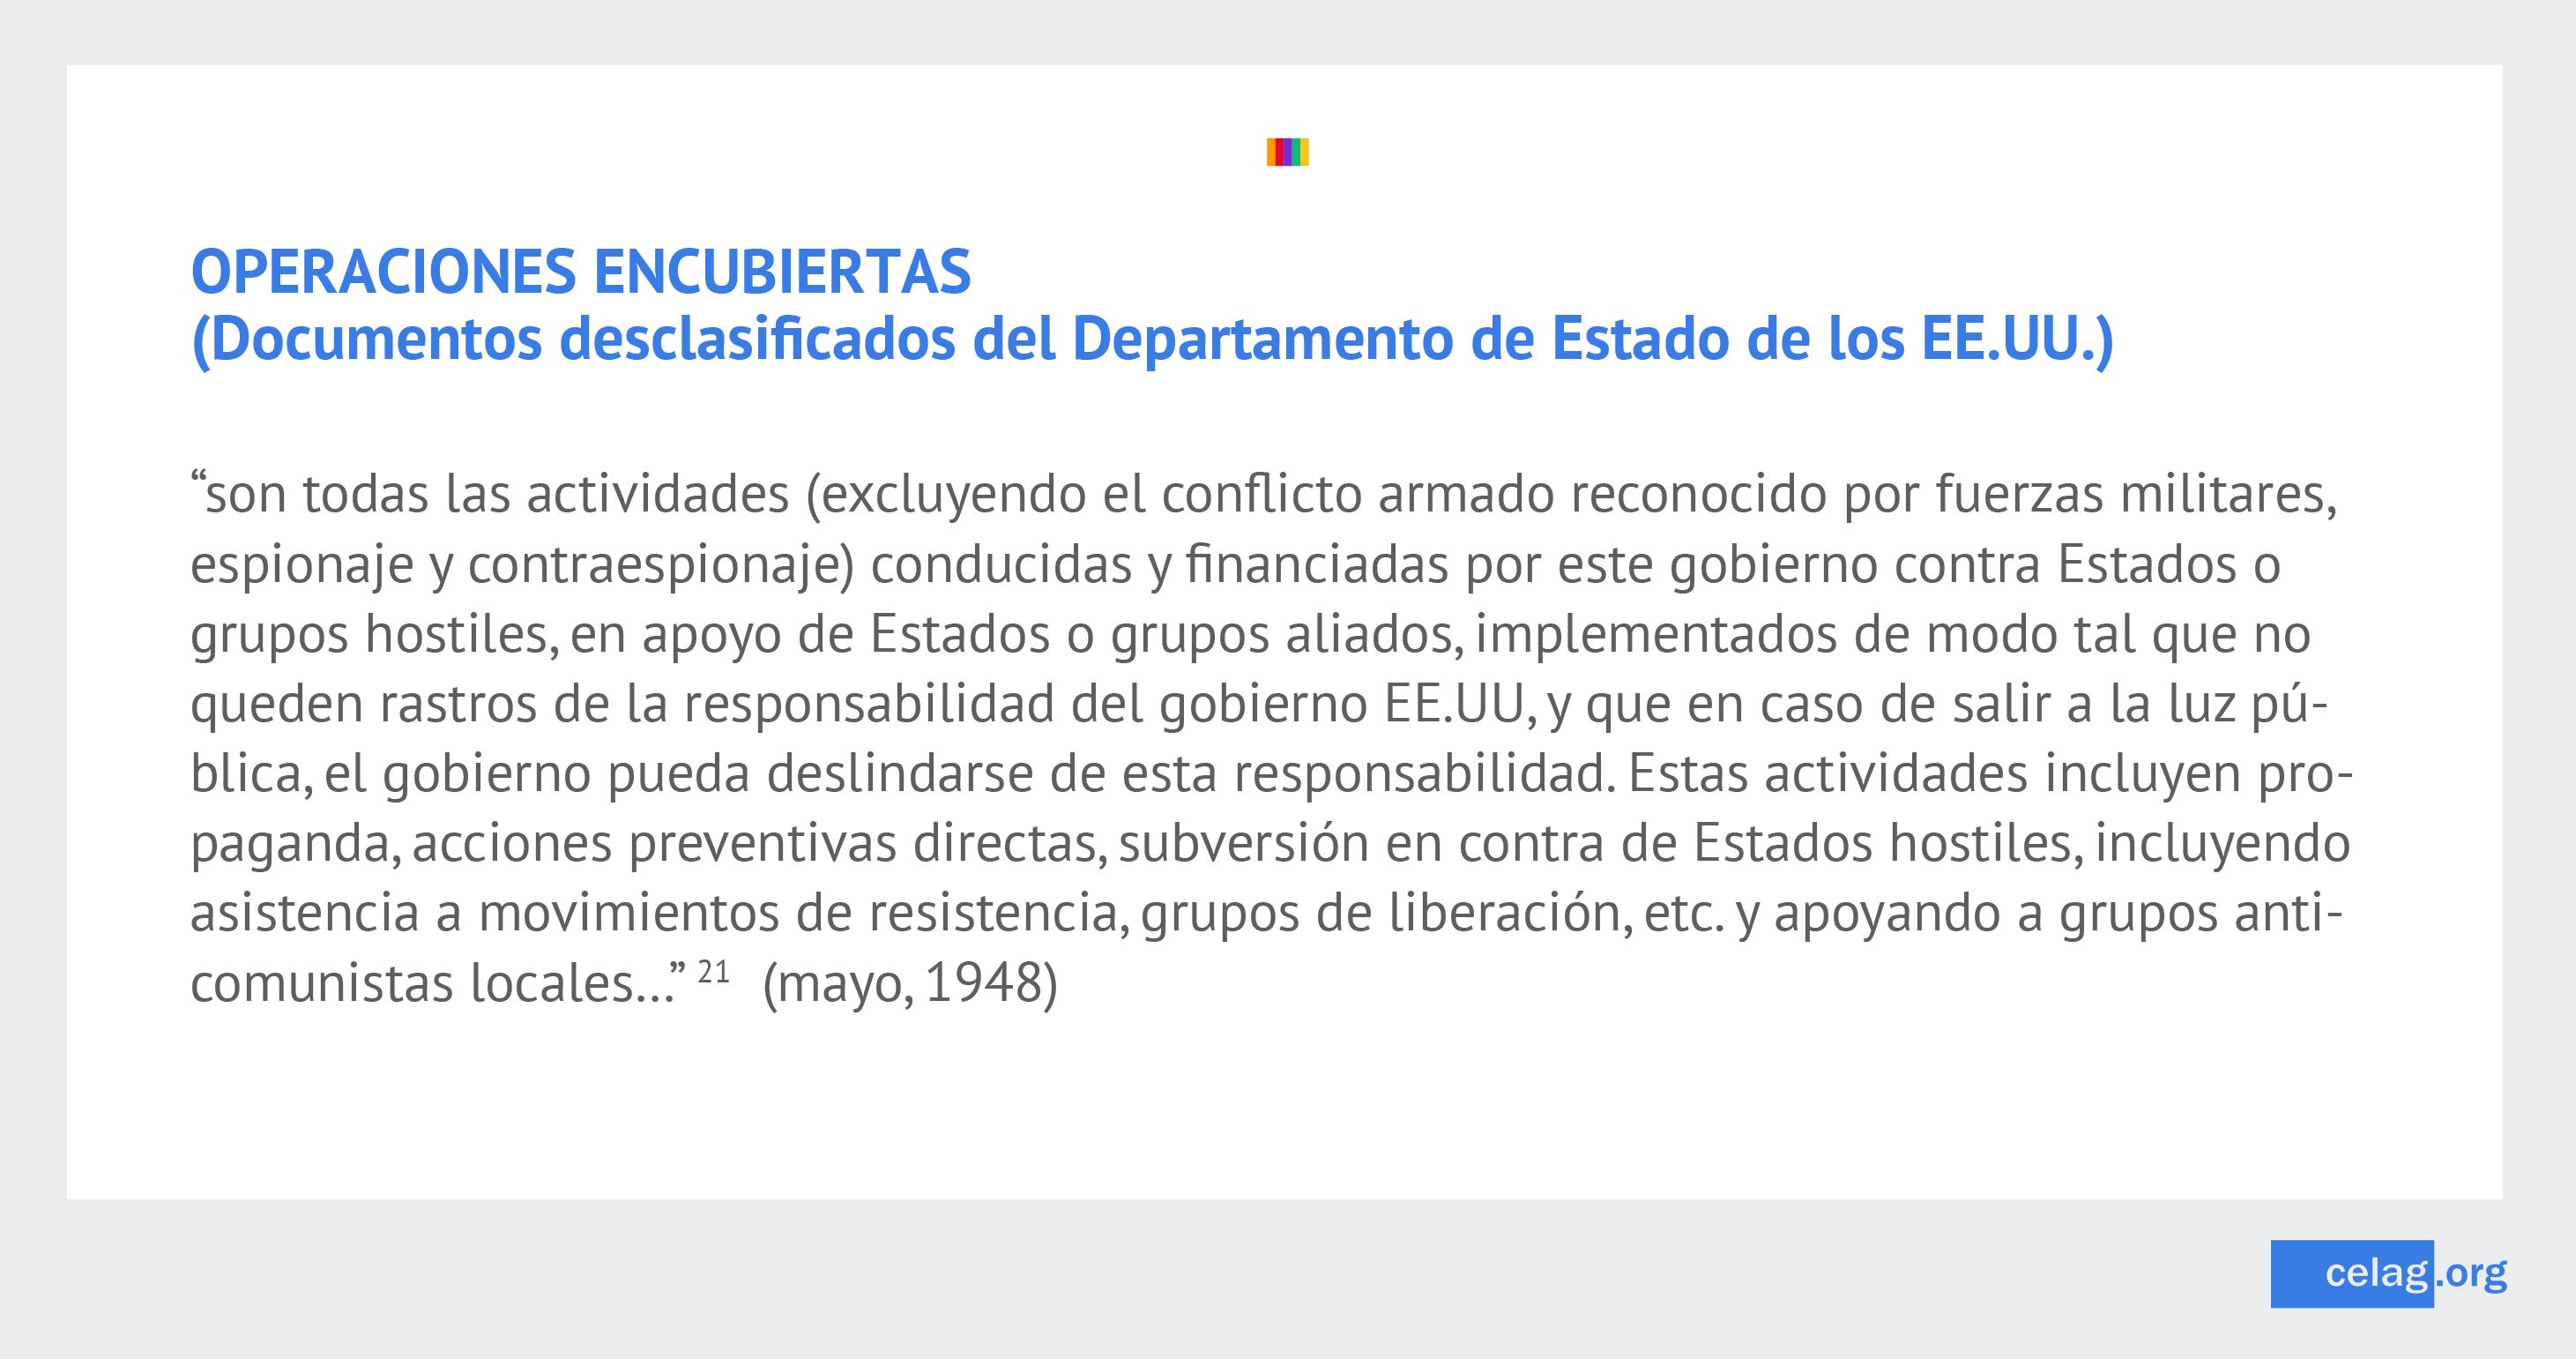 Embajadas de EE. UU. y operativos encubiertos